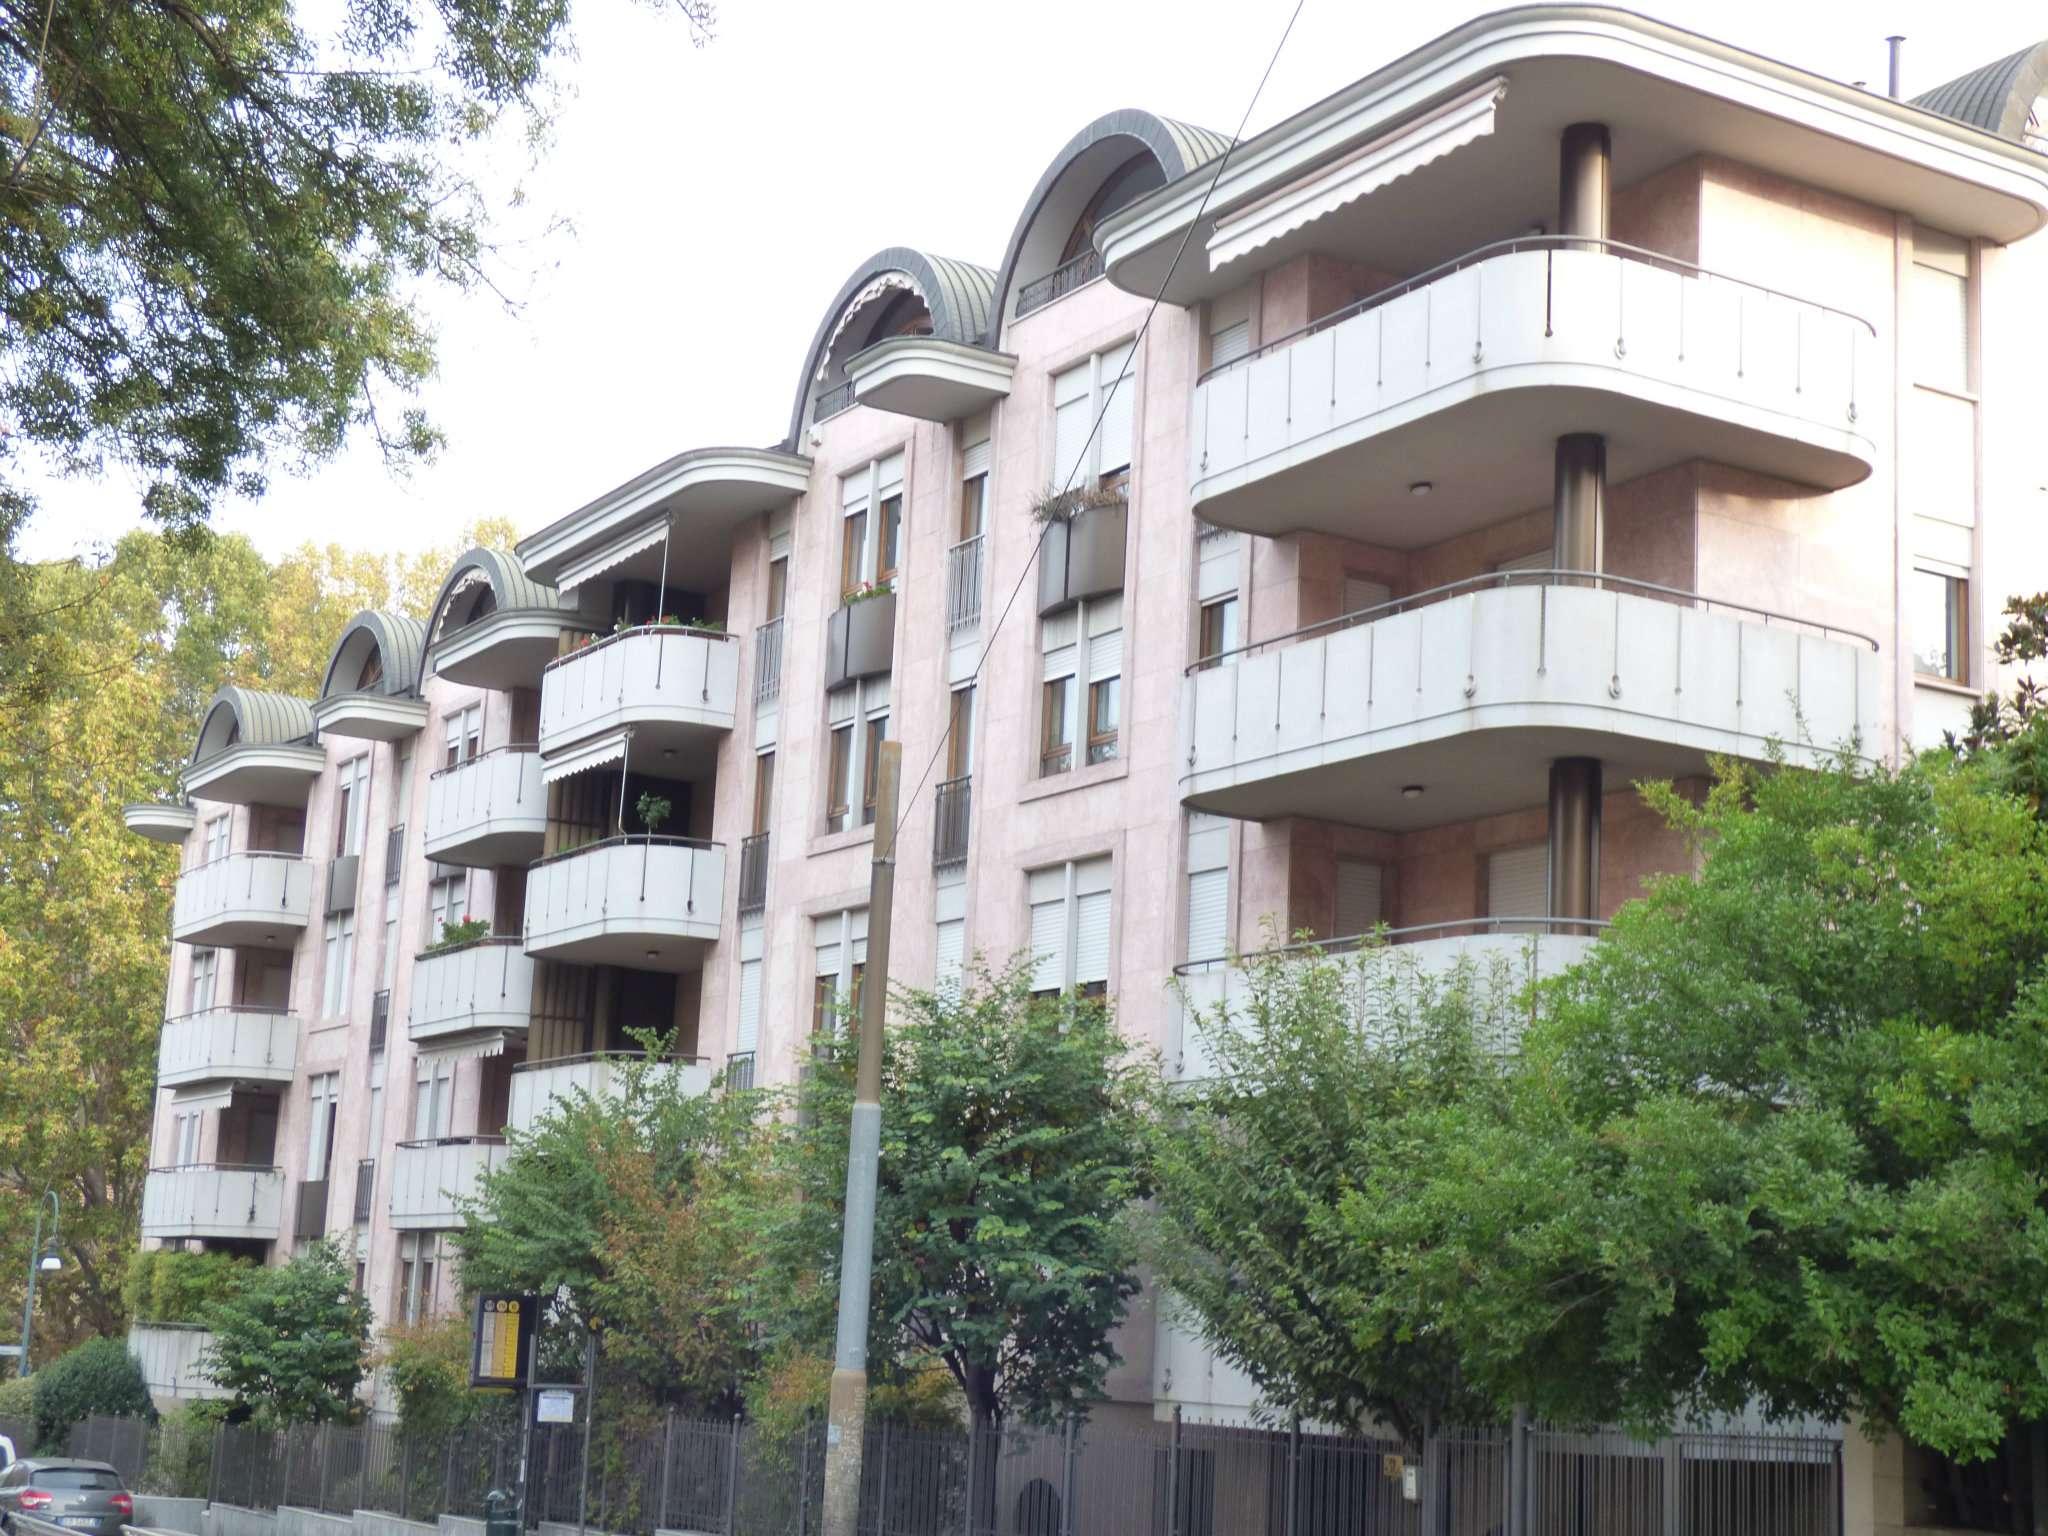 Appartamento in vendita a Torino, 4 locali, zona Zona: 5 . Collina, Precollina, Crimea, Borgo Po, Granmadre, Madonna del Pilone, prezzo € 395.000 | CambioCasa.it